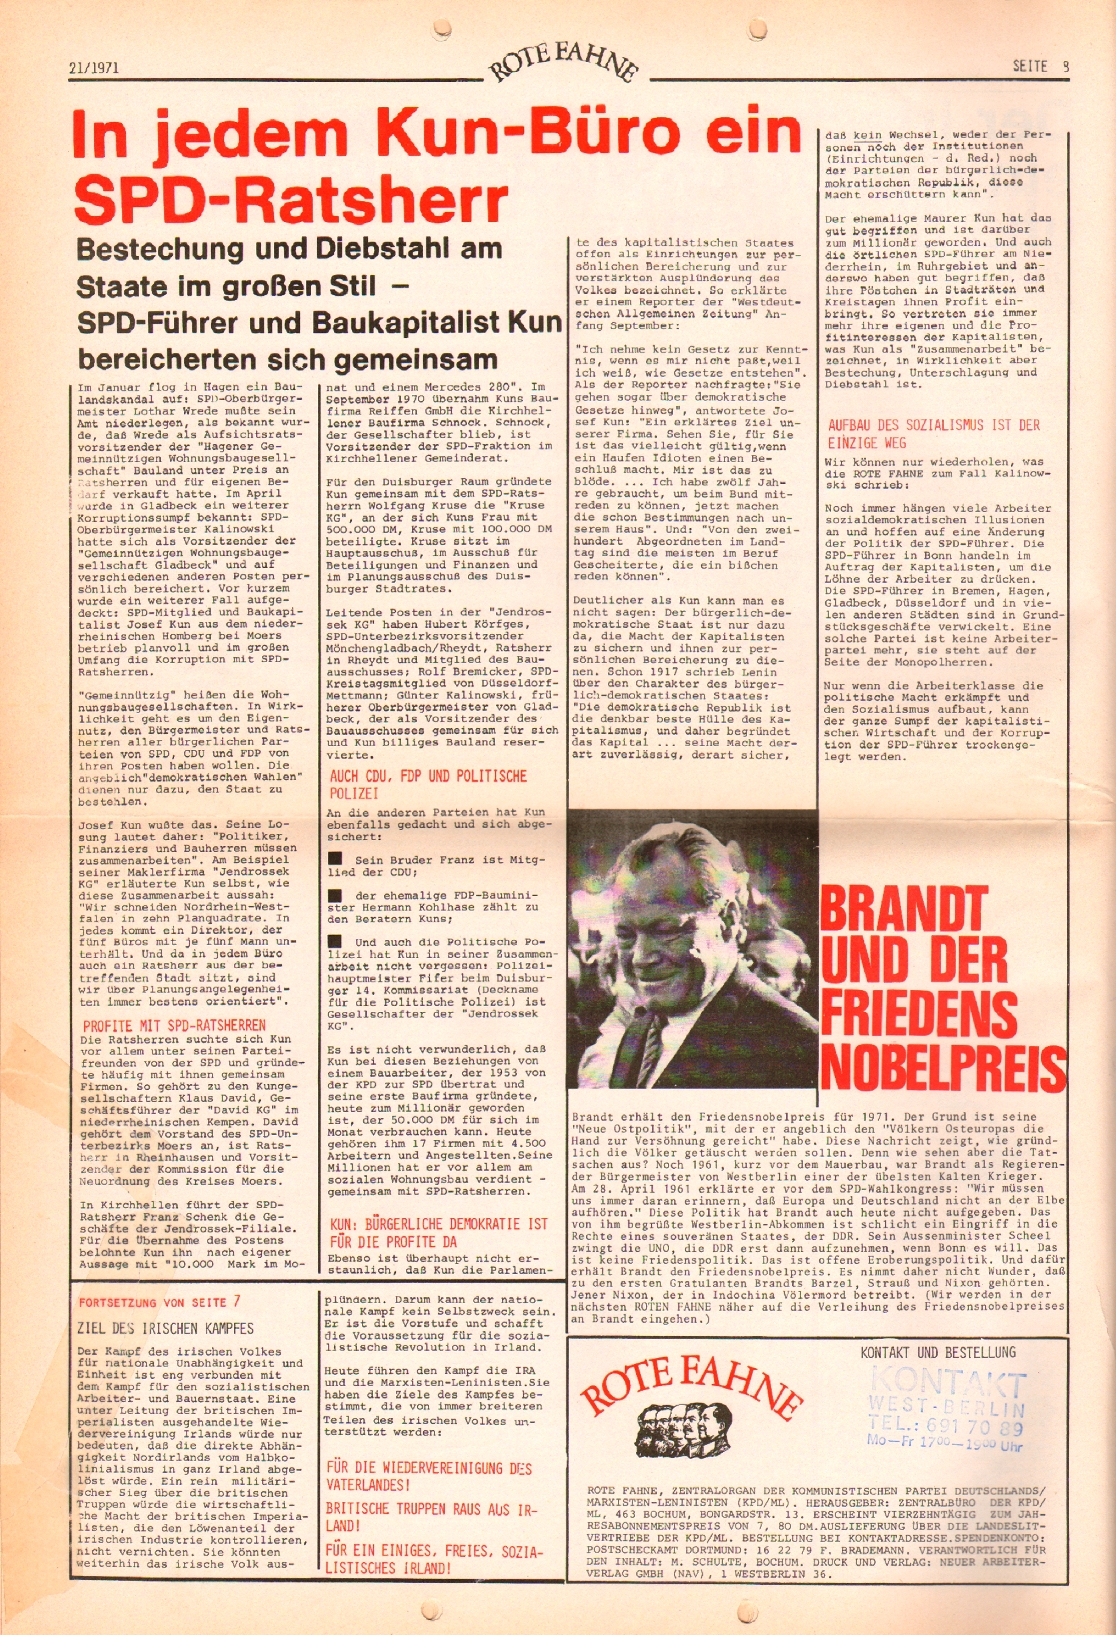 Rote Fahne, 2. Jg., 25.10.1971, Nr. 21, Seite 8